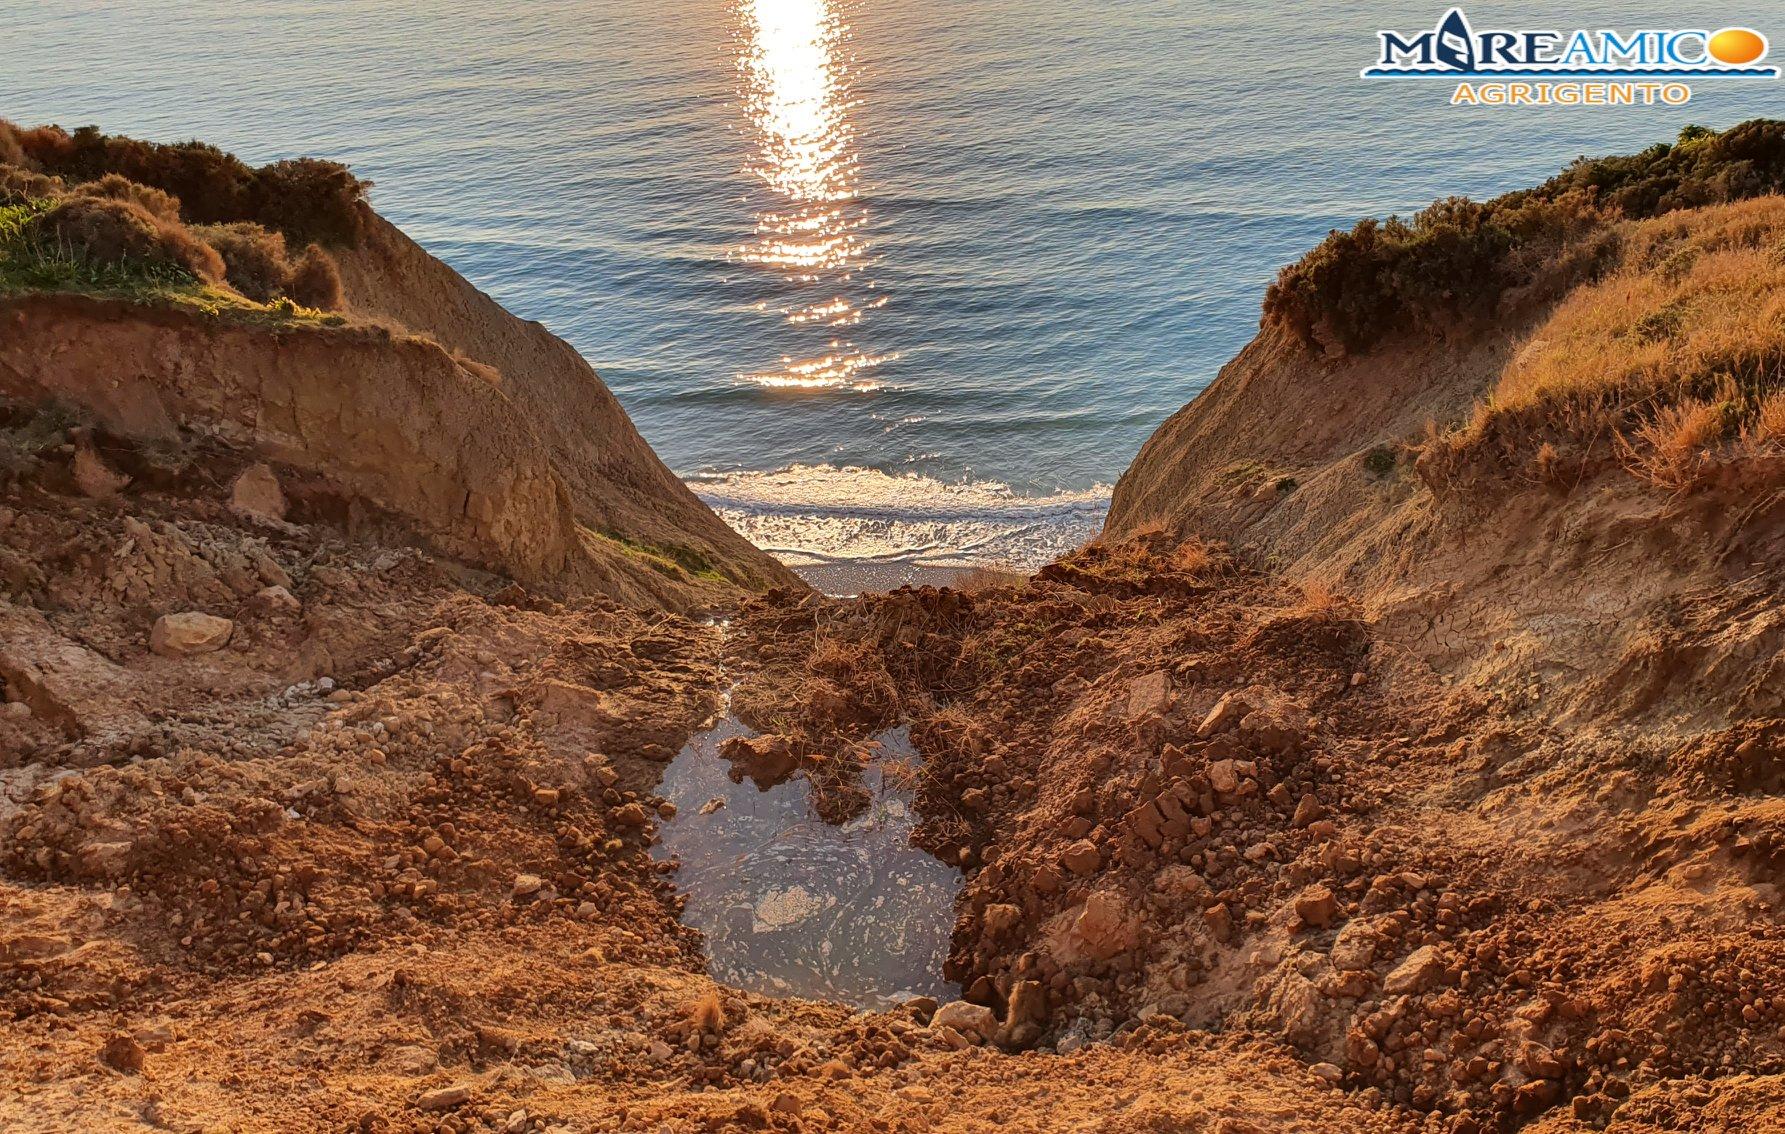 Dopo Eraclea, Scala dei Turchi e San Leone anche Punta Bianca sta scomparendo (VIDEO)